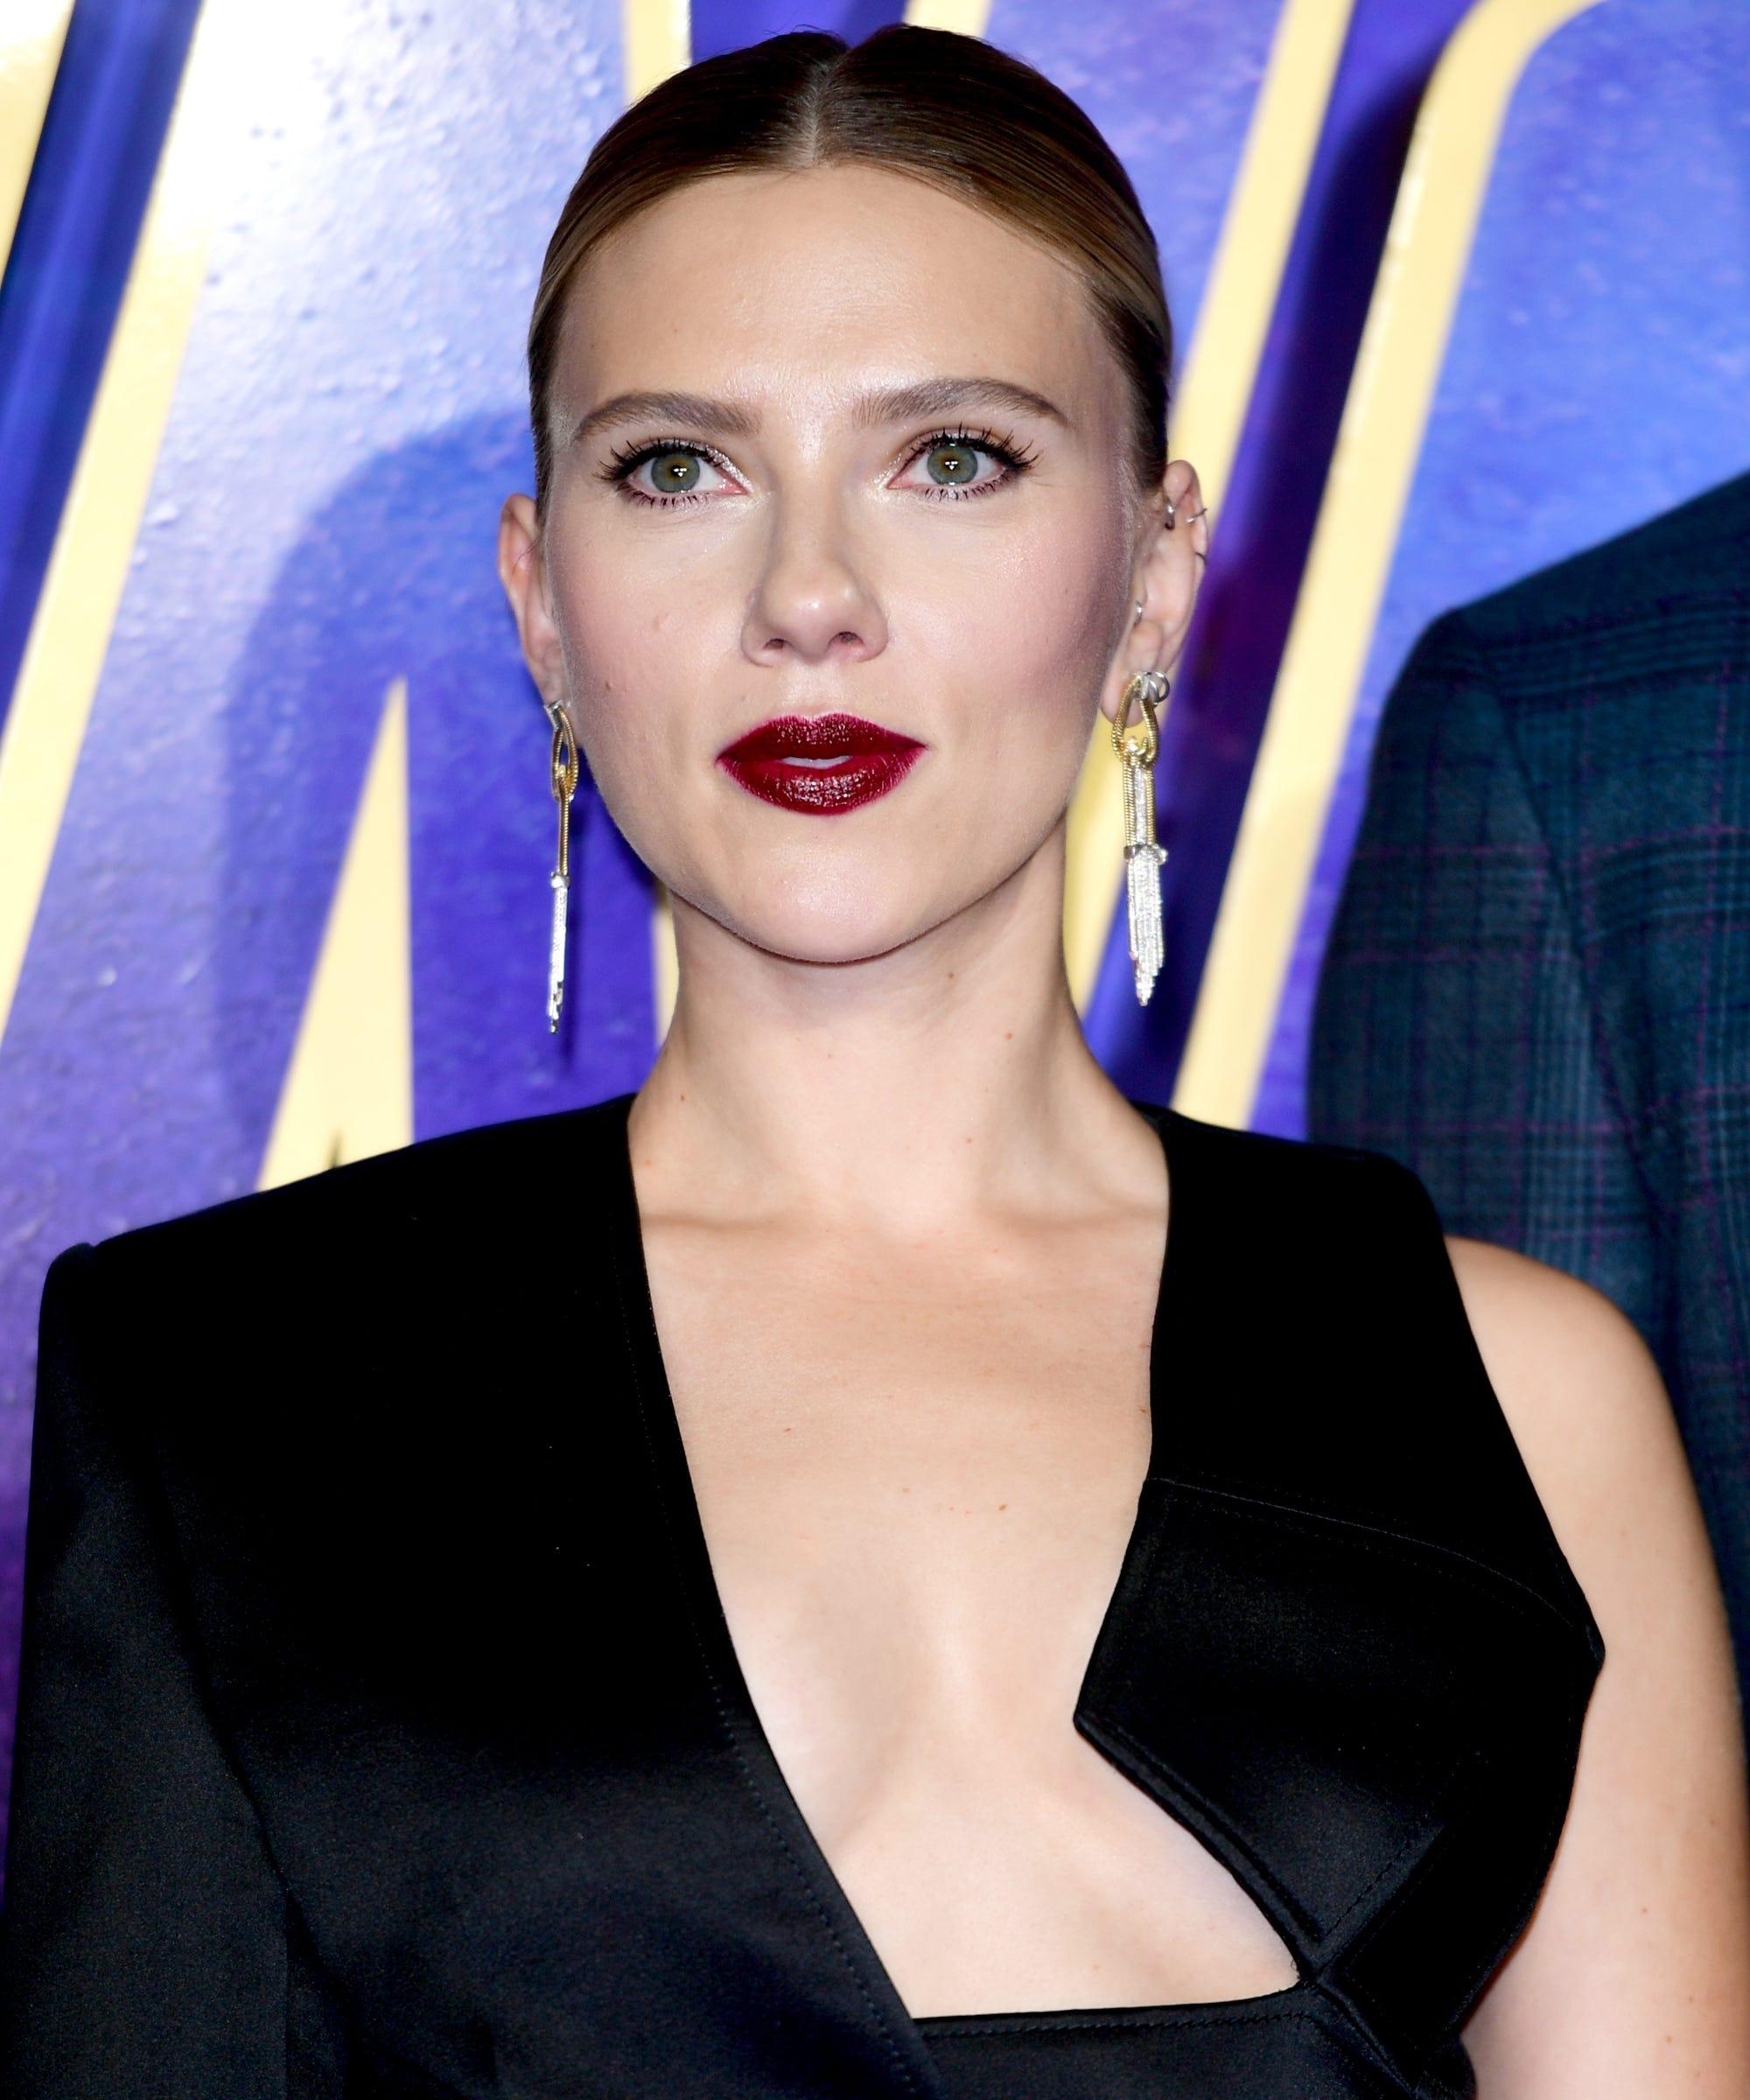 Scarlett Johansson Got Sunlit Highlights — & She Looks Stunning